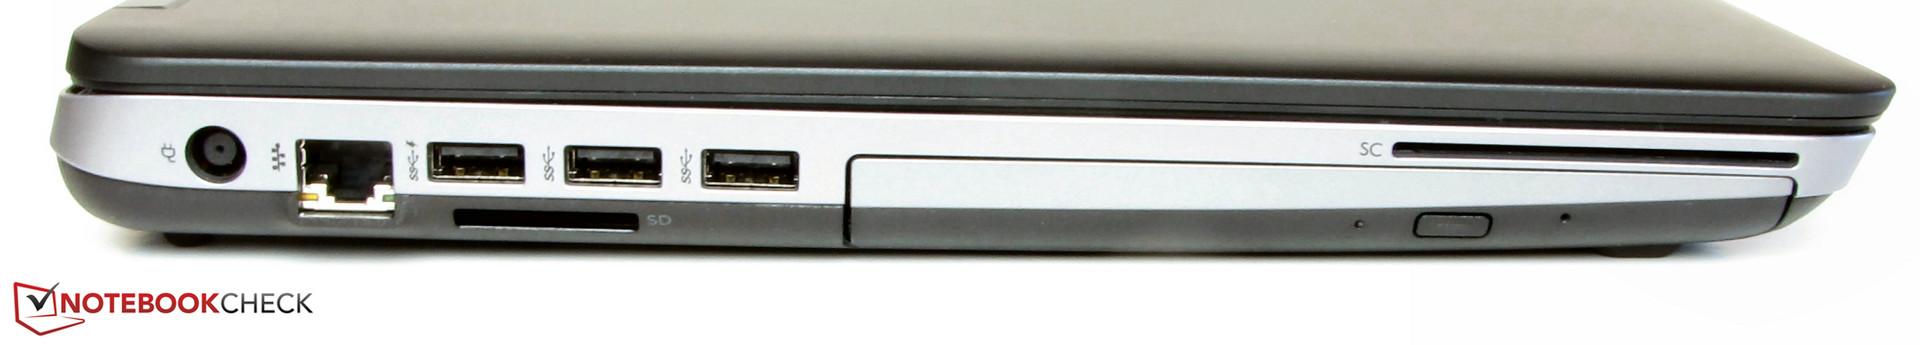 3X Notebook Business Card Case Journal Binder Pouch Credit Card Holder A5A6